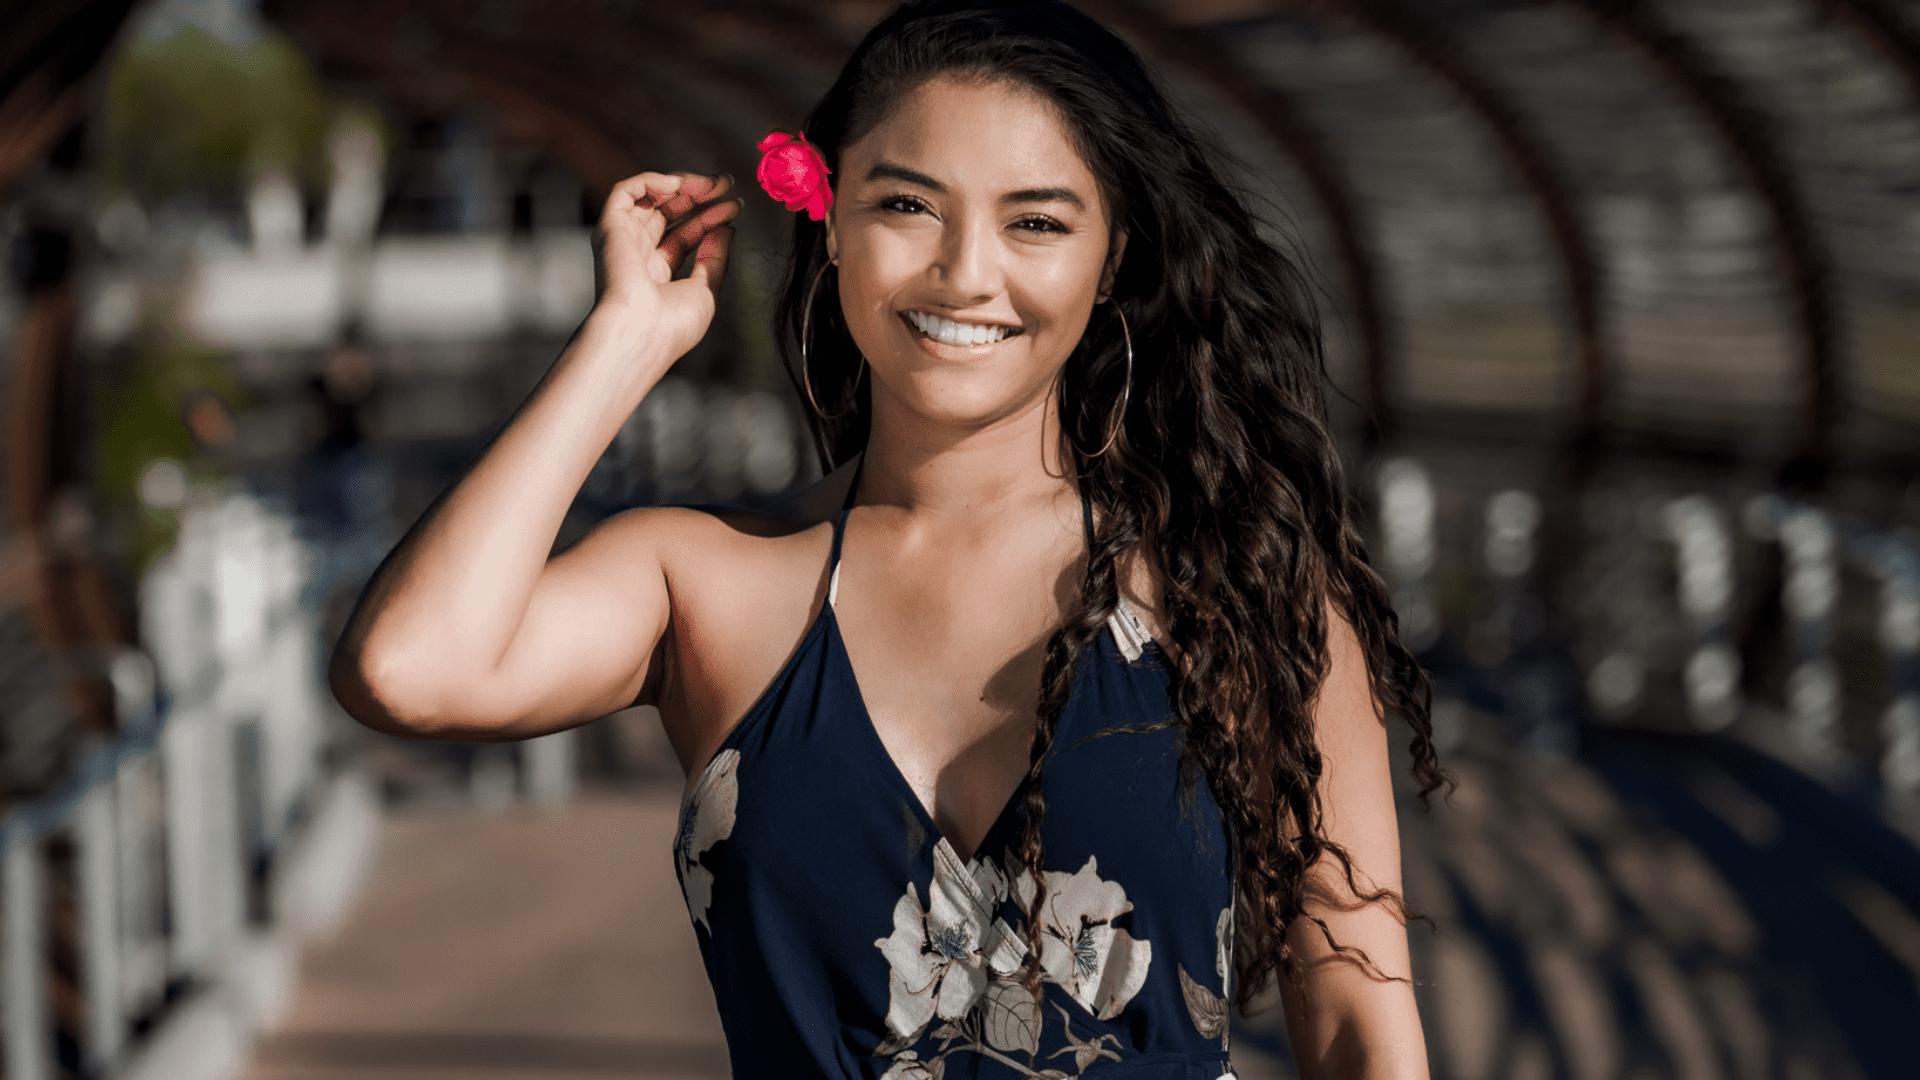 Christen-Leonor Montero